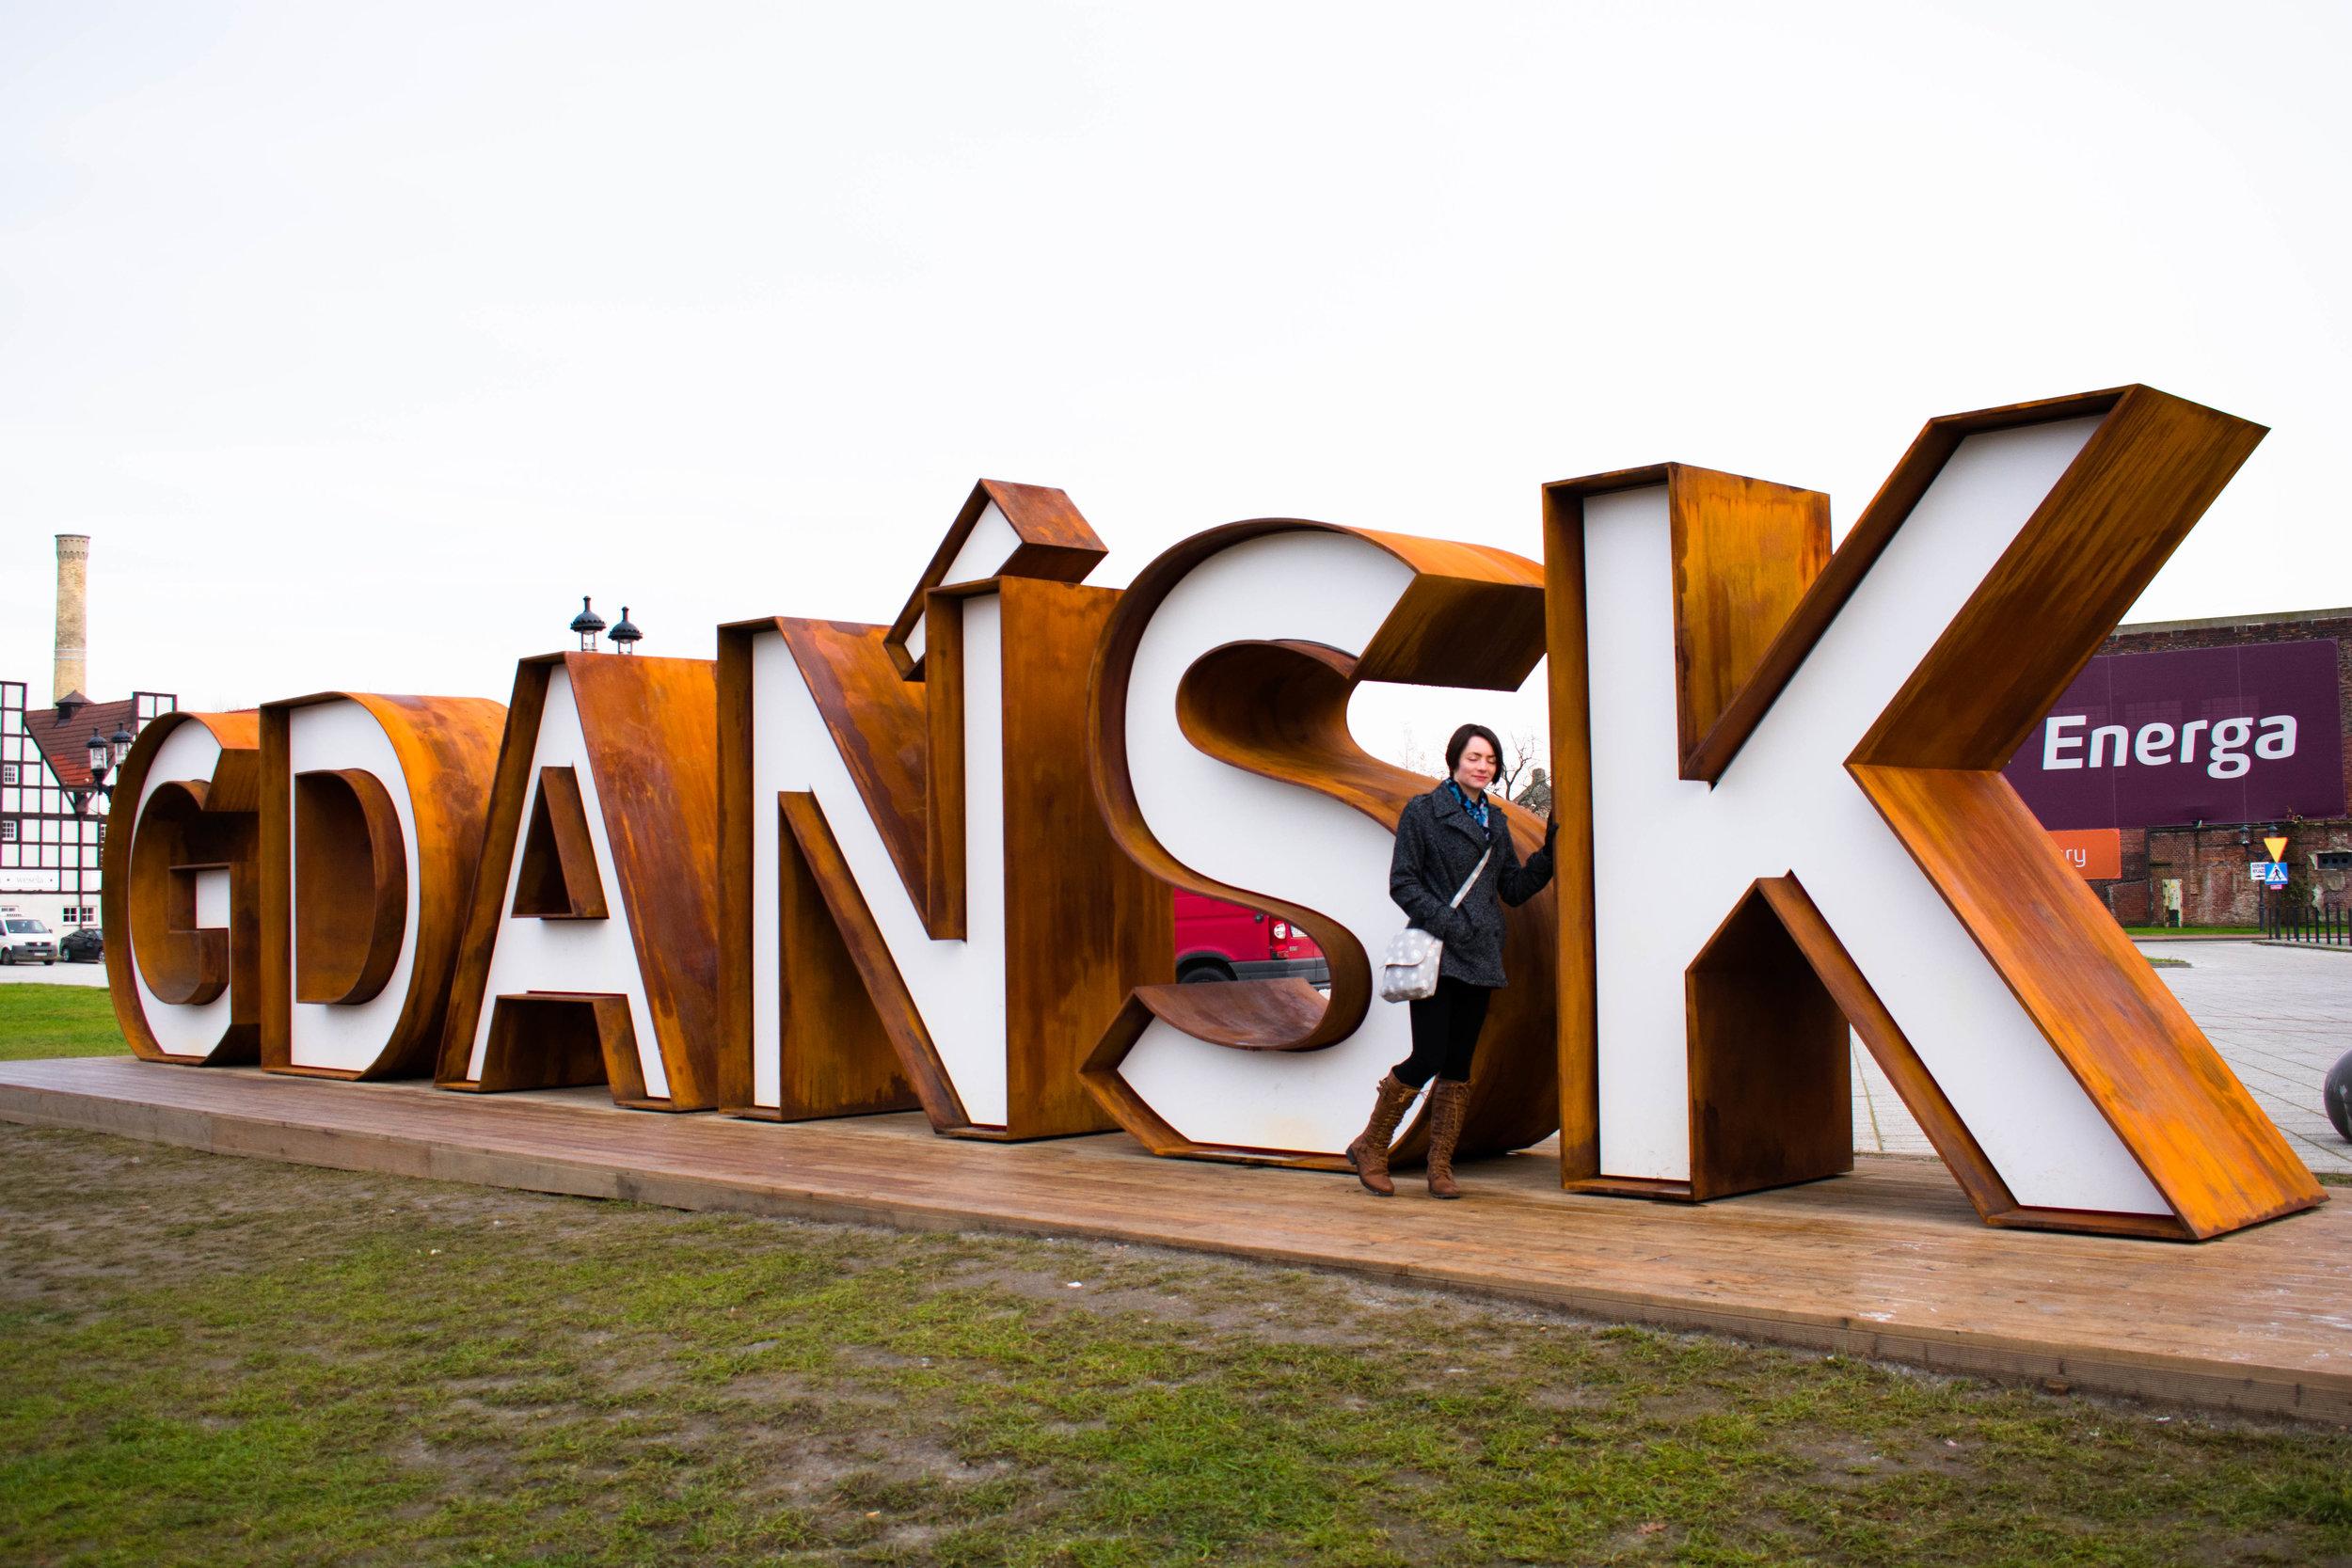 Gdansk Sign